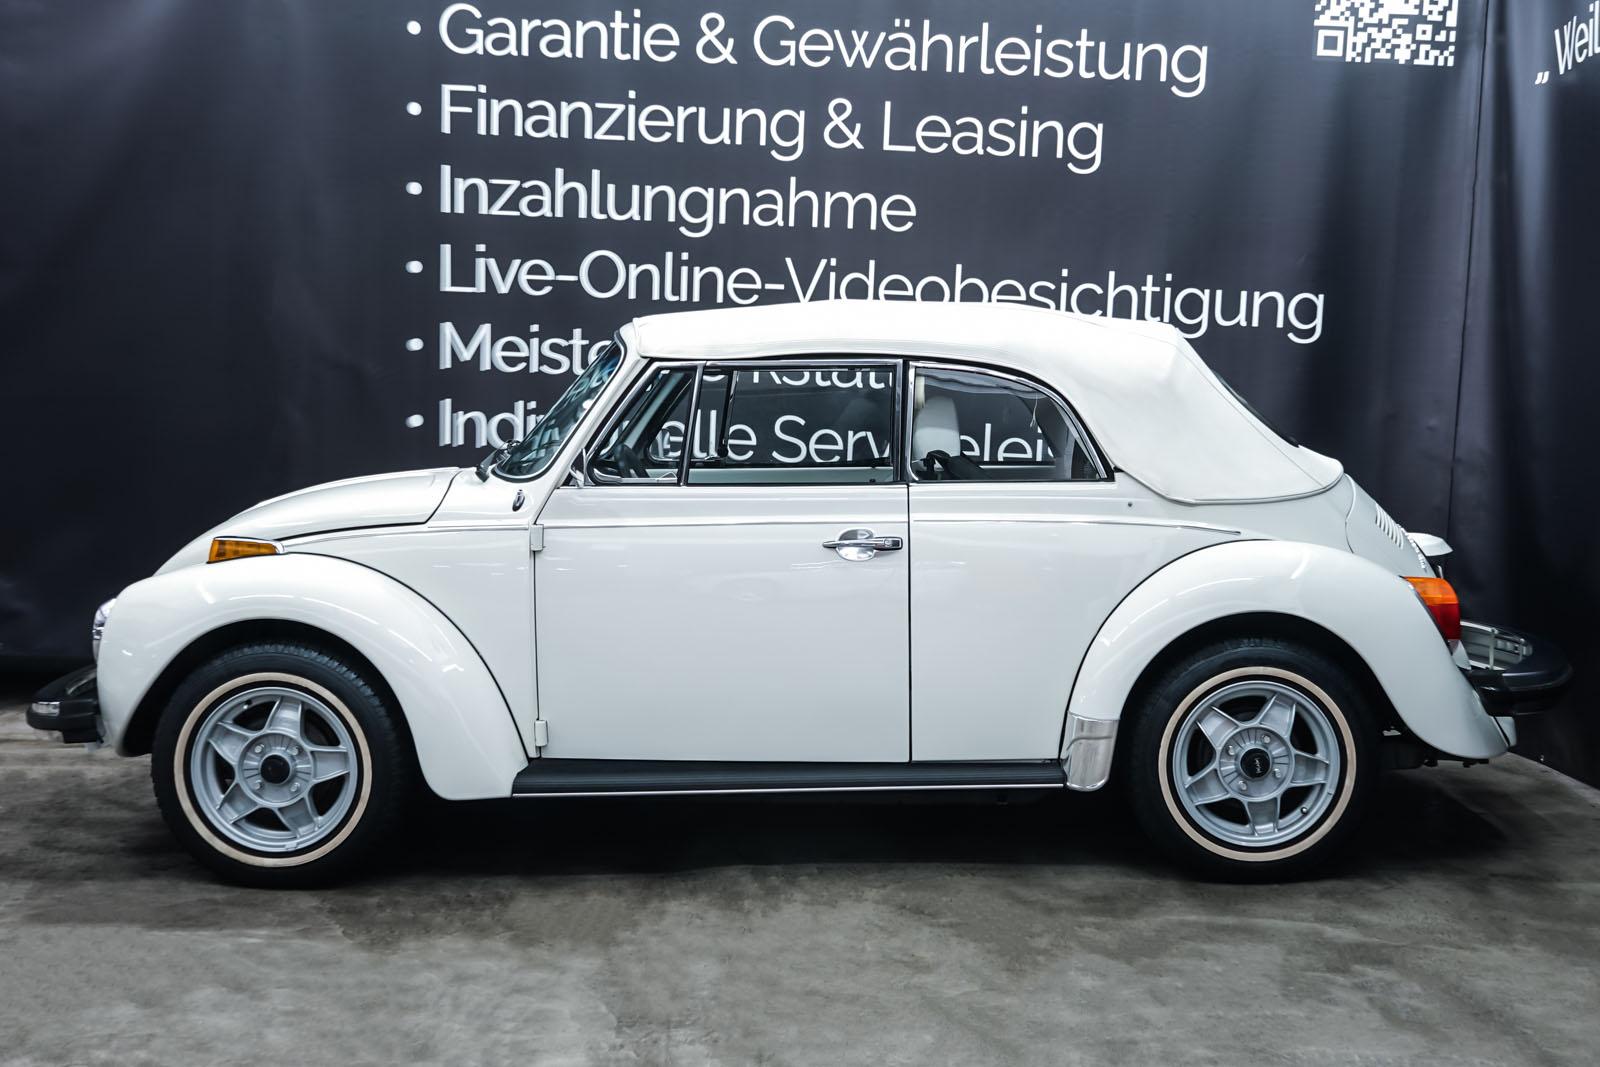 VW_Käfer_Cabrio_Weiß_Weiß_VW-3481_5_w